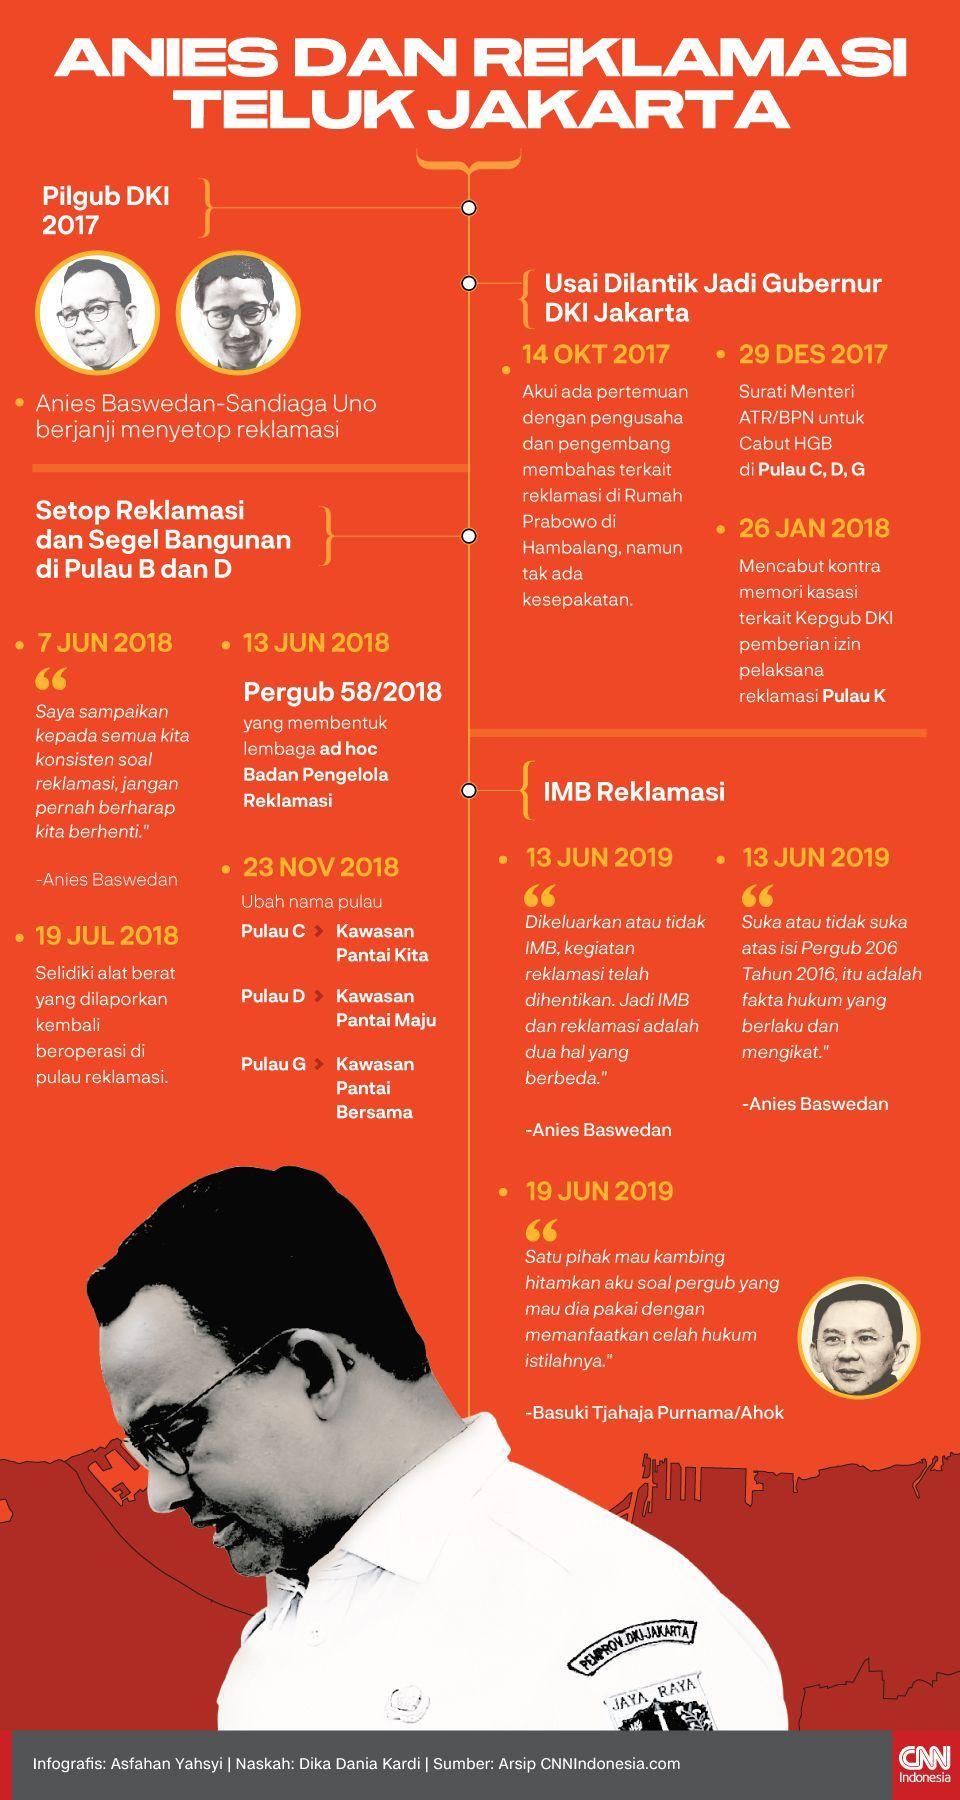 Infografis Anies dan reklamasi teluk Jakarta